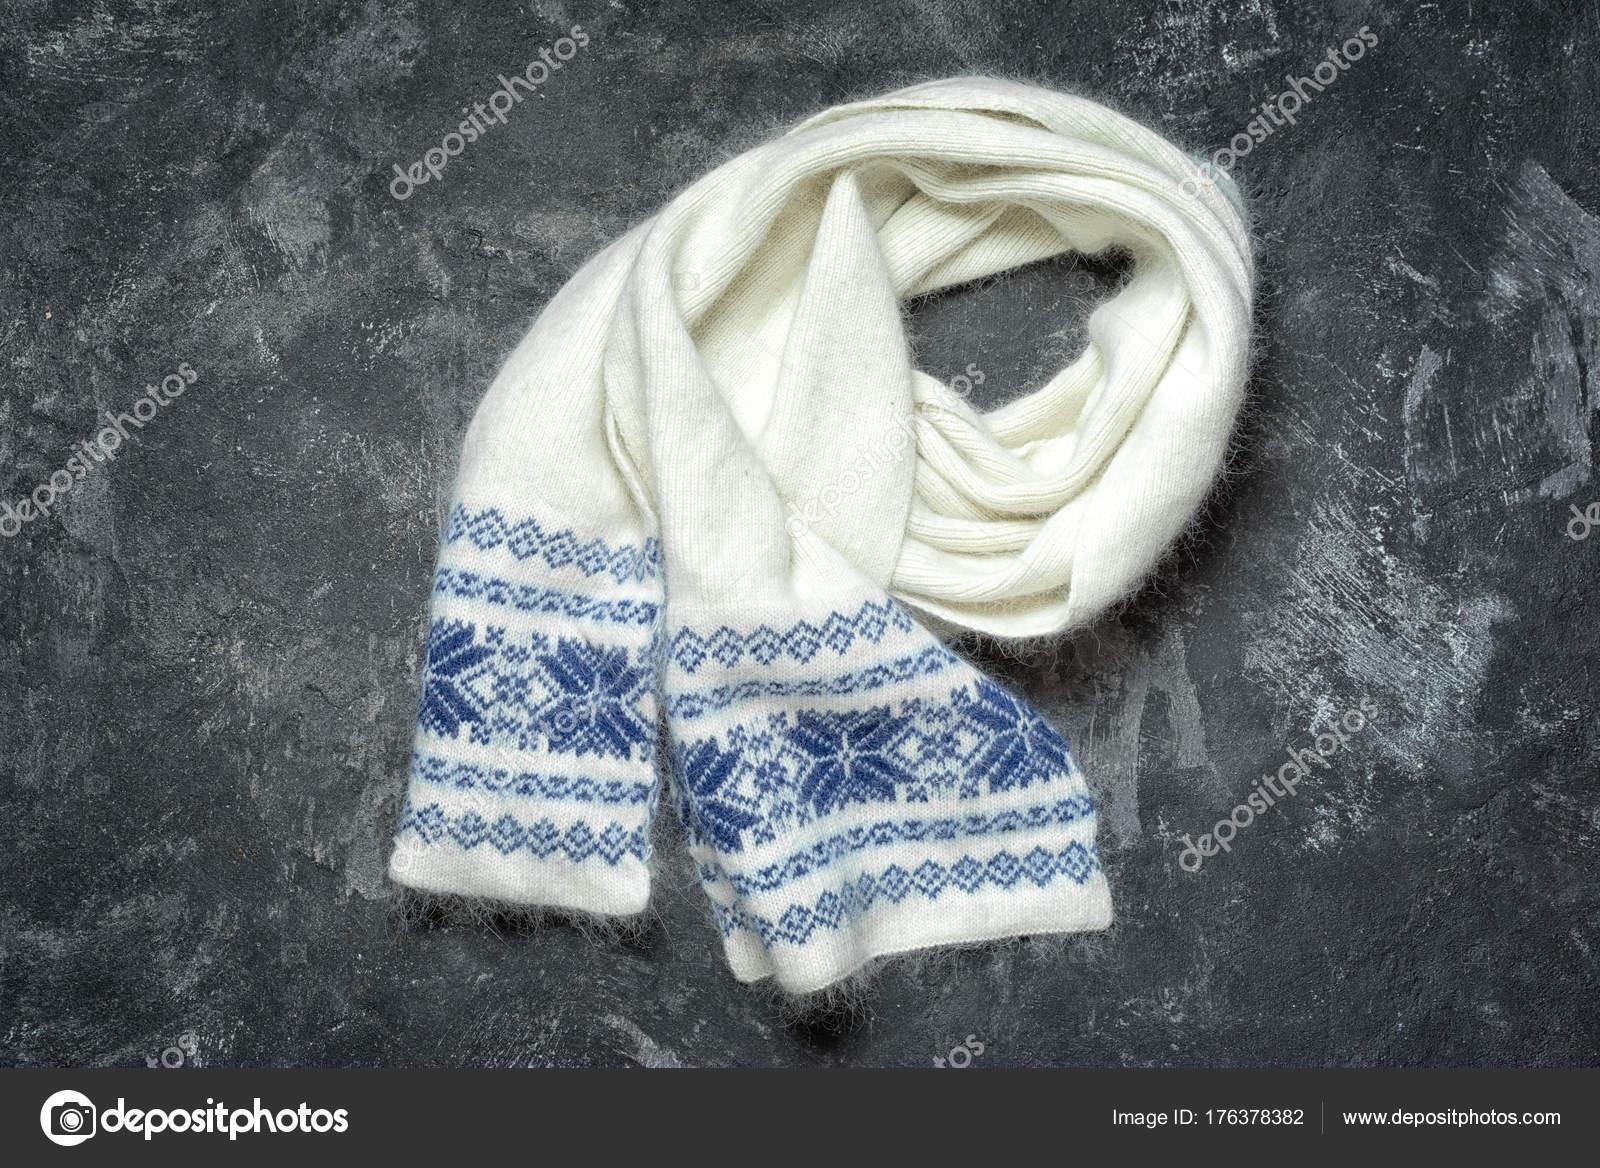 eafeb7e8a65 Bílé vlněné pletená šála se vzorem sněhové vločky. Podzimní a zimní  oblečení. Módní doplňky. Byt leží na pozadí temné cament — Fotografie od ...